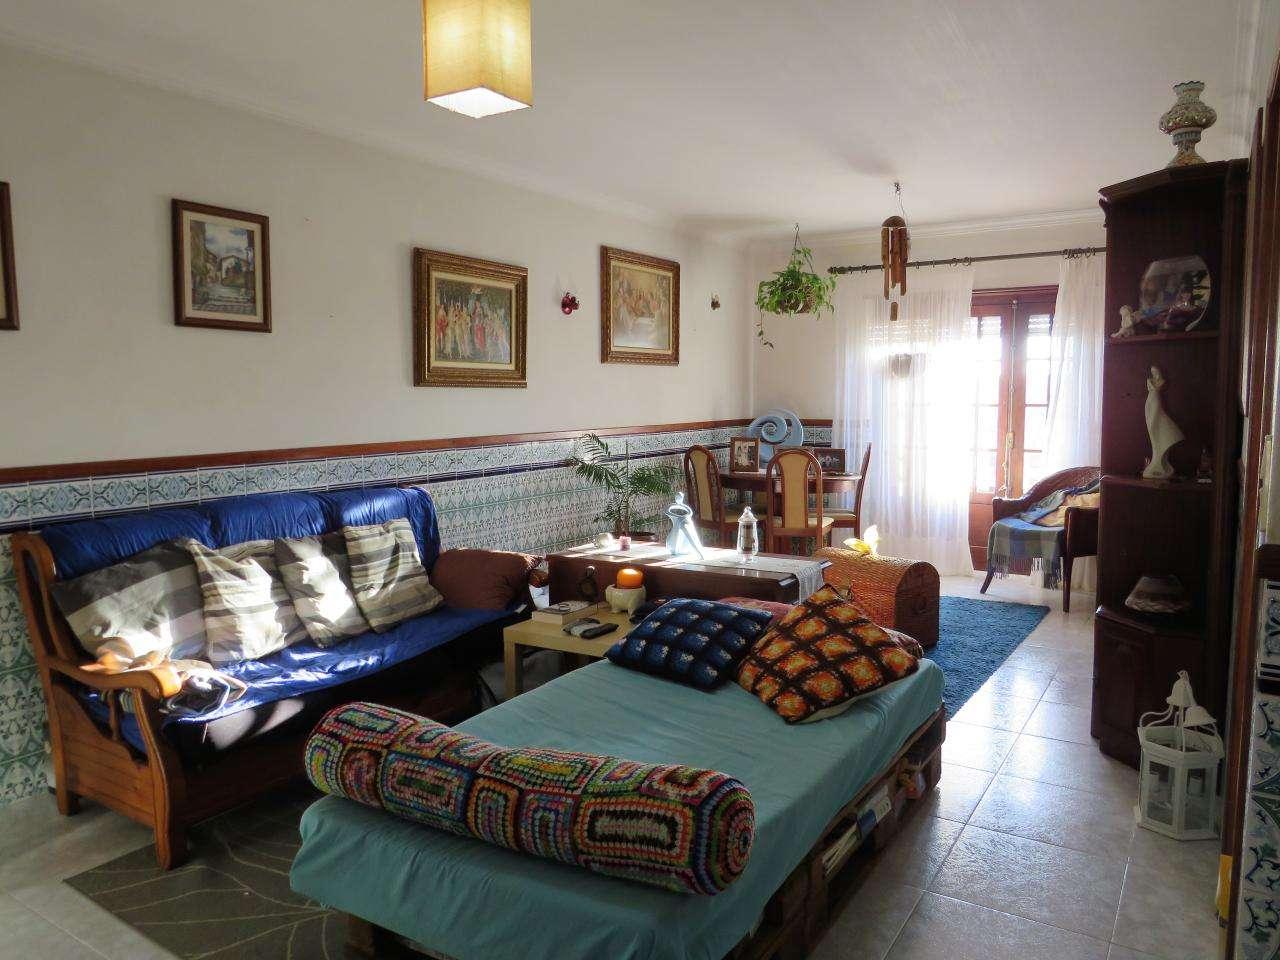 Apartamento para comprar, Santo Isidoro, Lisboa - Foto 1